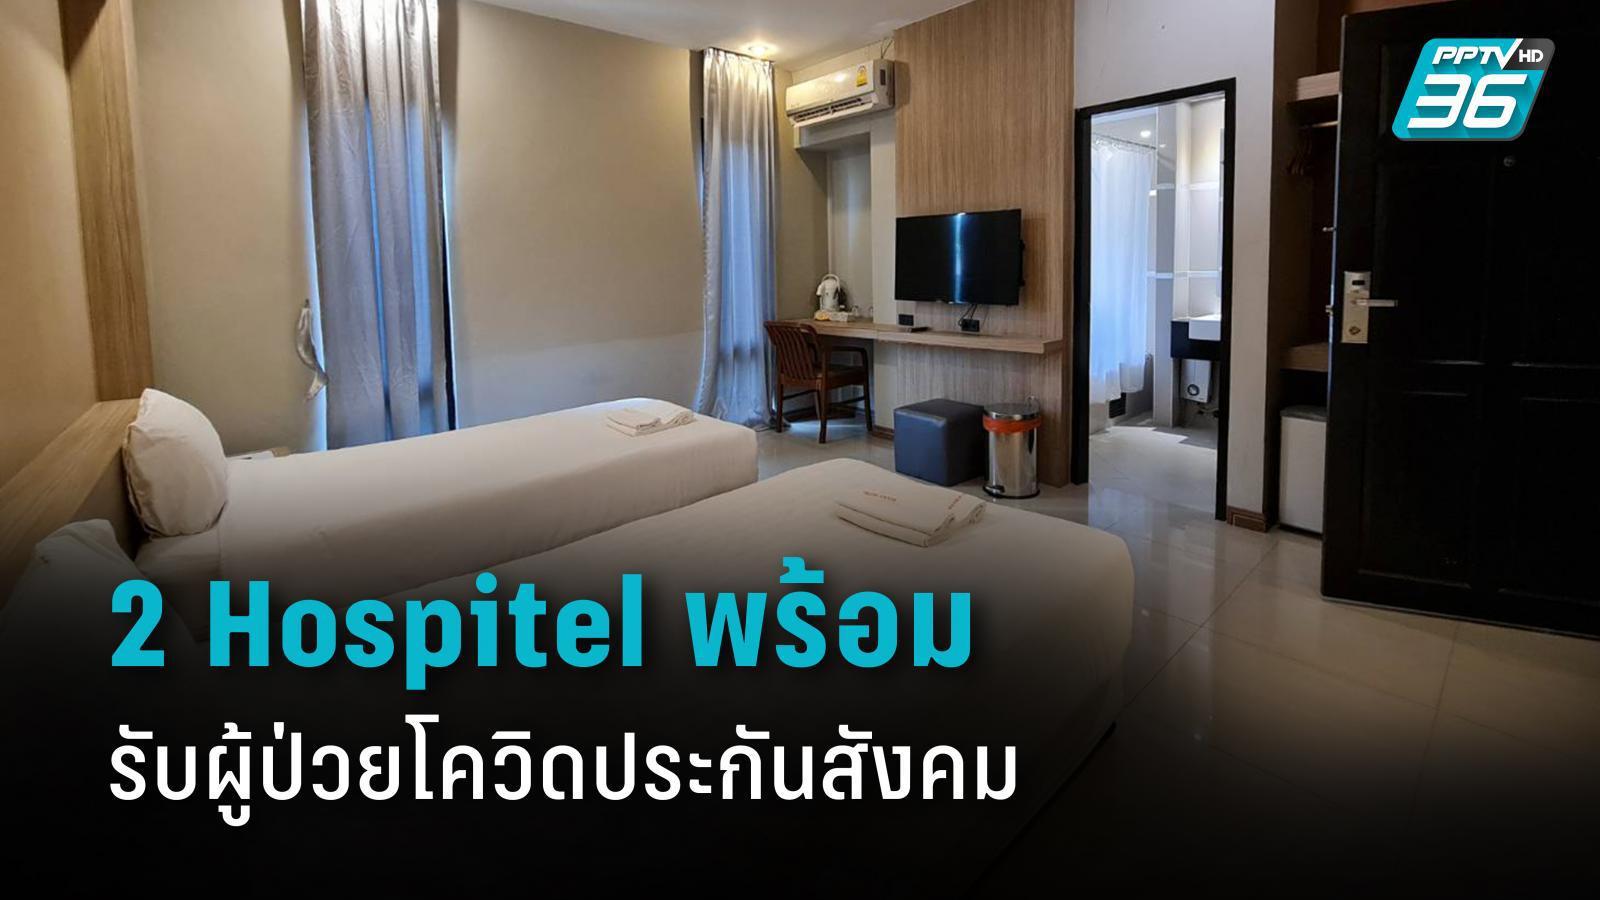 2 โรงแรมเปิด Hospitel รองรับผู้ป่วยโควิด-19 สิทธิประกันสังคม